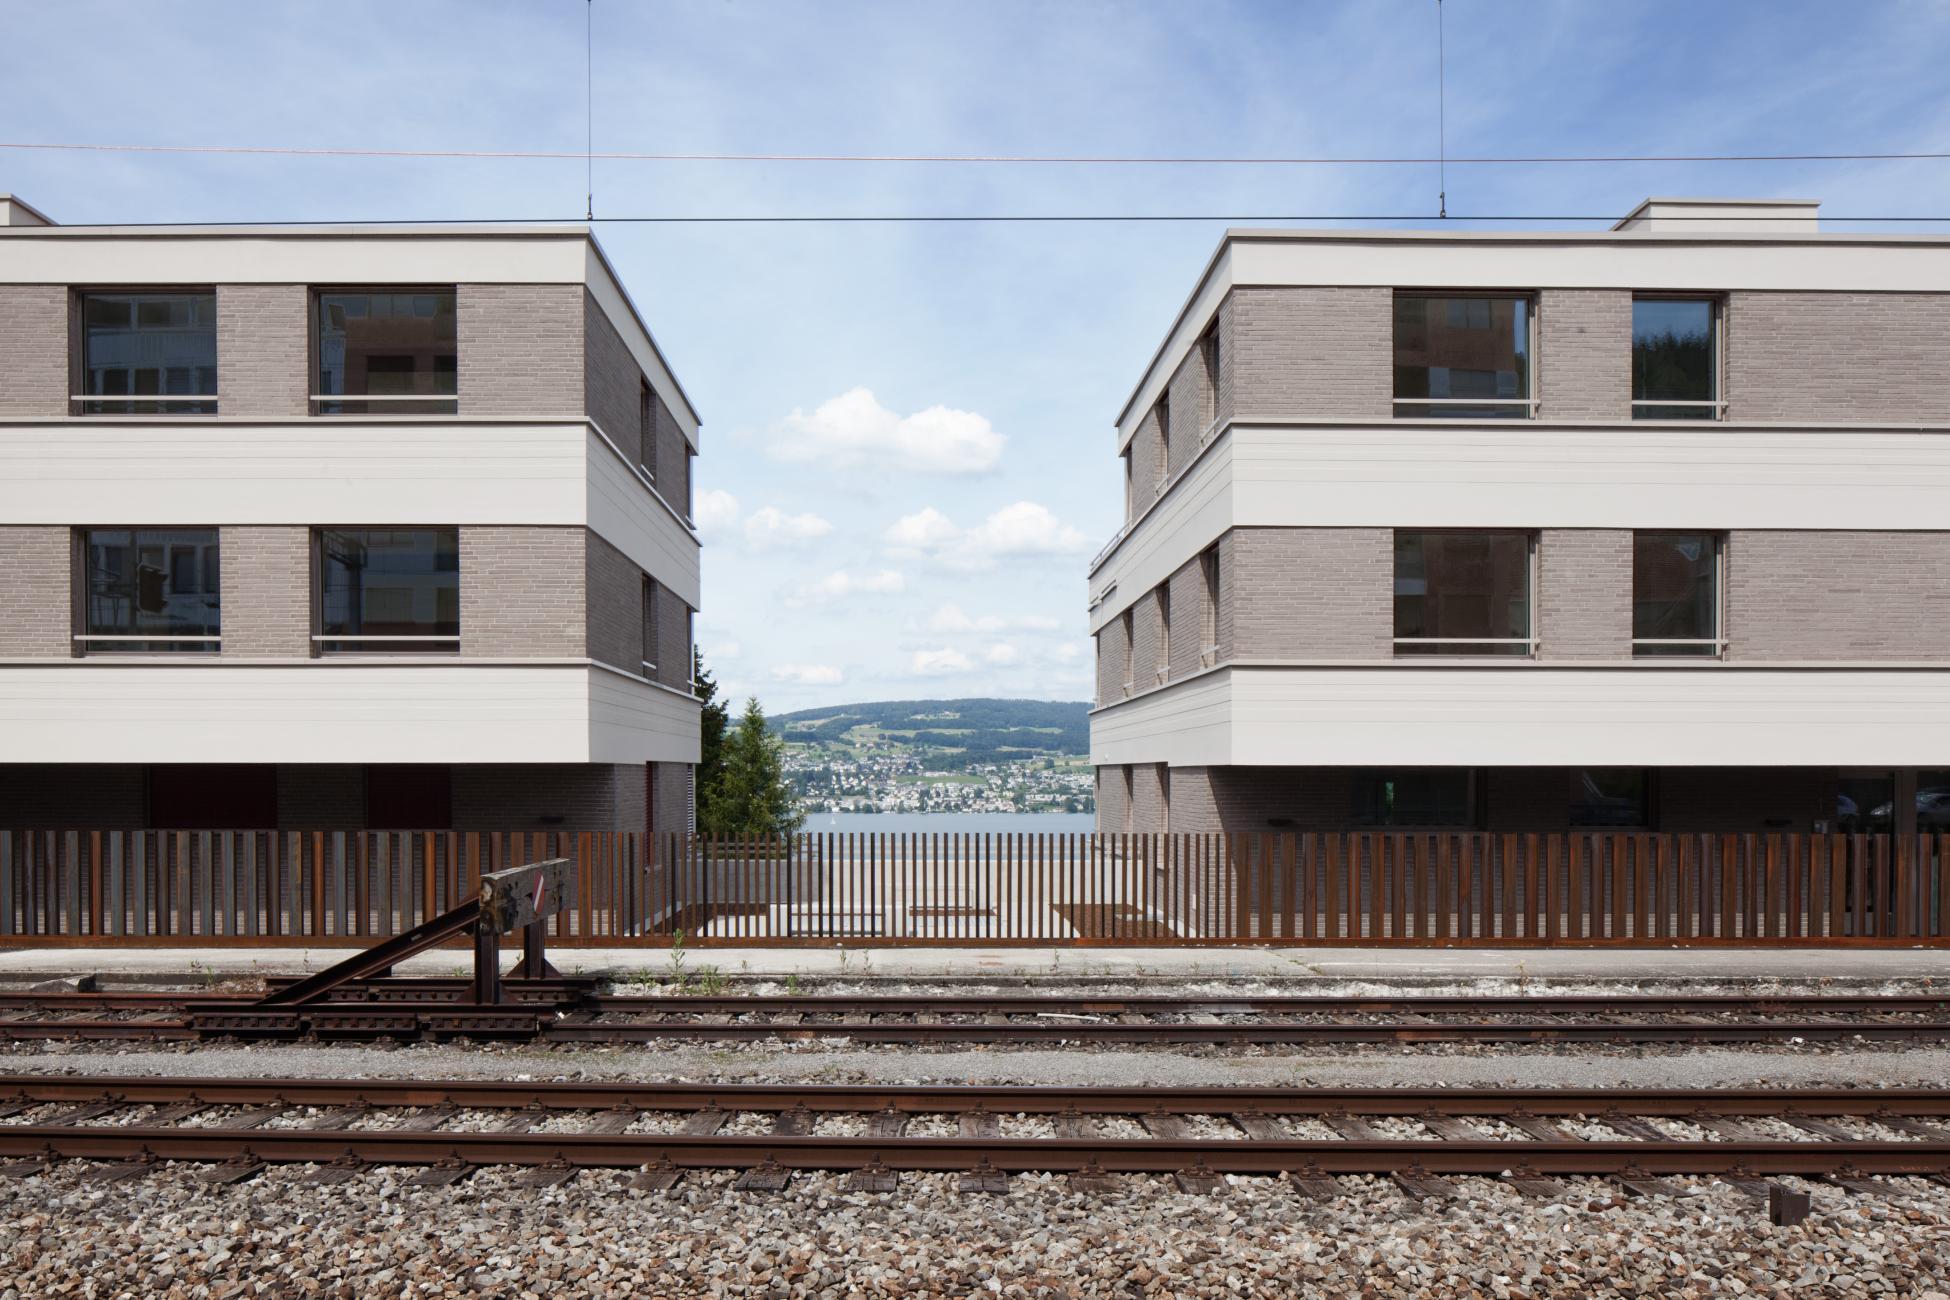 2 gleiche 2-stöckige Wohnblöcke mit gleichmässiger Fensteranordnung am Bahngleis